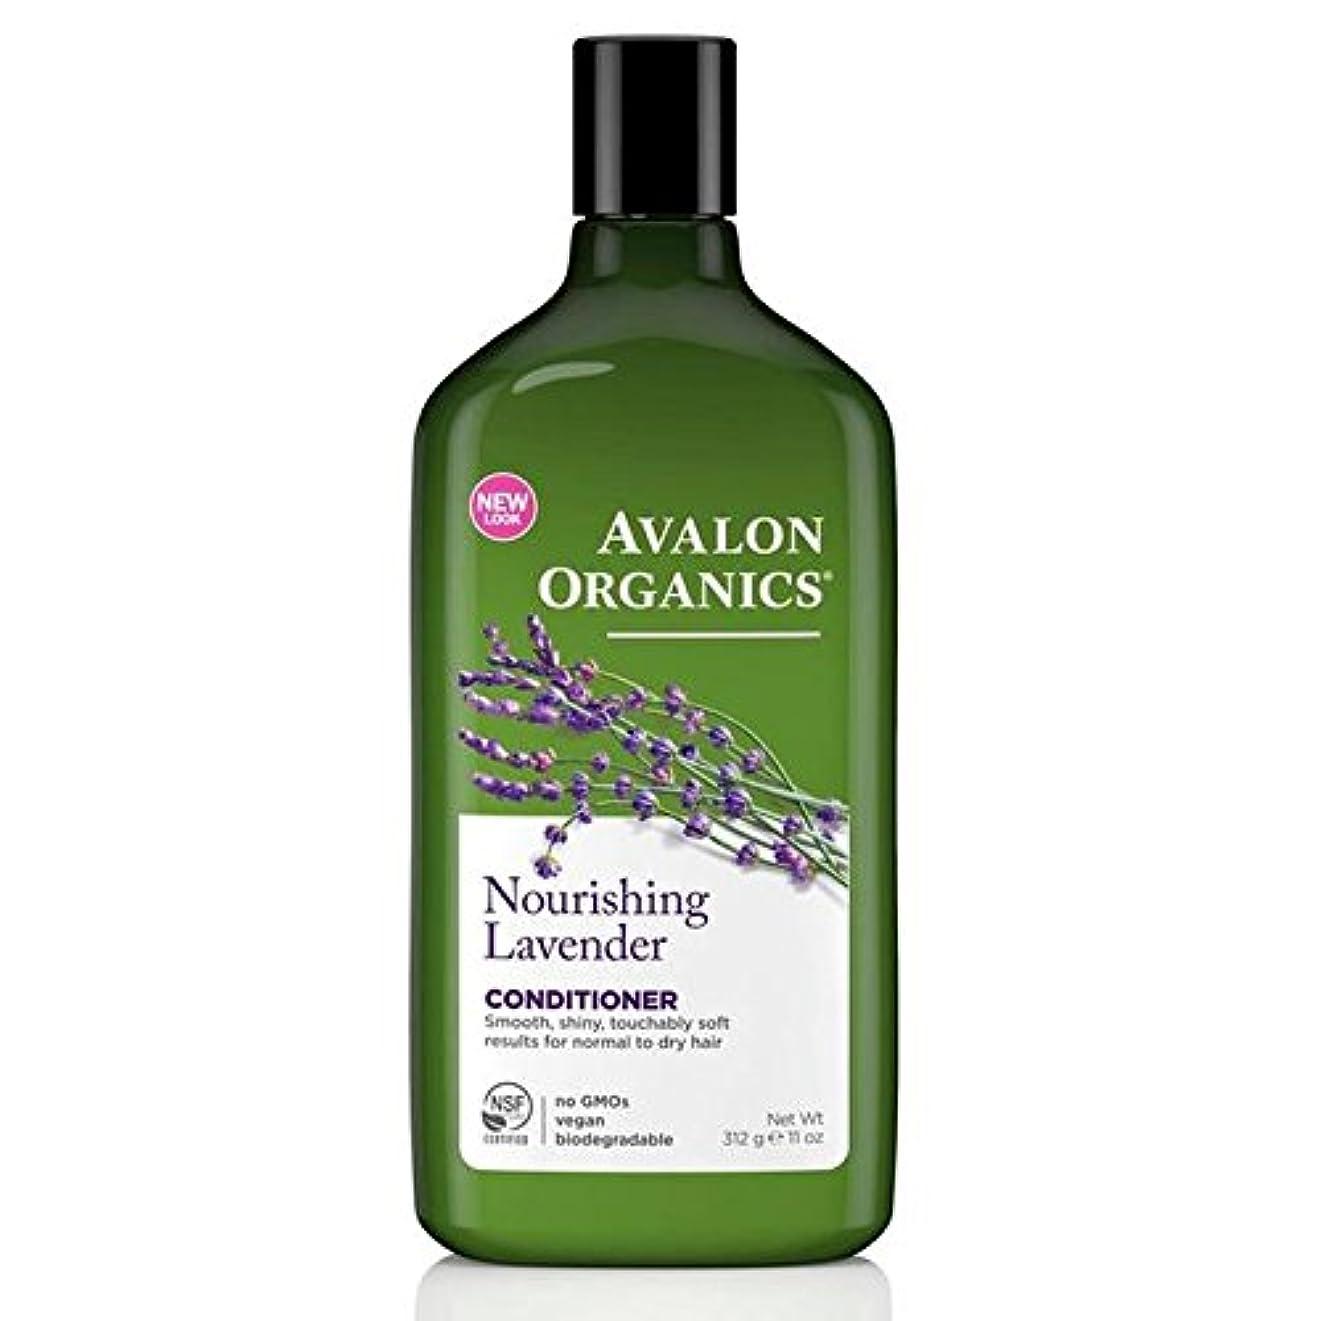 キャロラインヒントバースAvalon Organics Lavender Nourishing Conditioner 325ml - (Avalon) ラベンダー栄養コンディショナー325ミリリットル [並行輸入品]